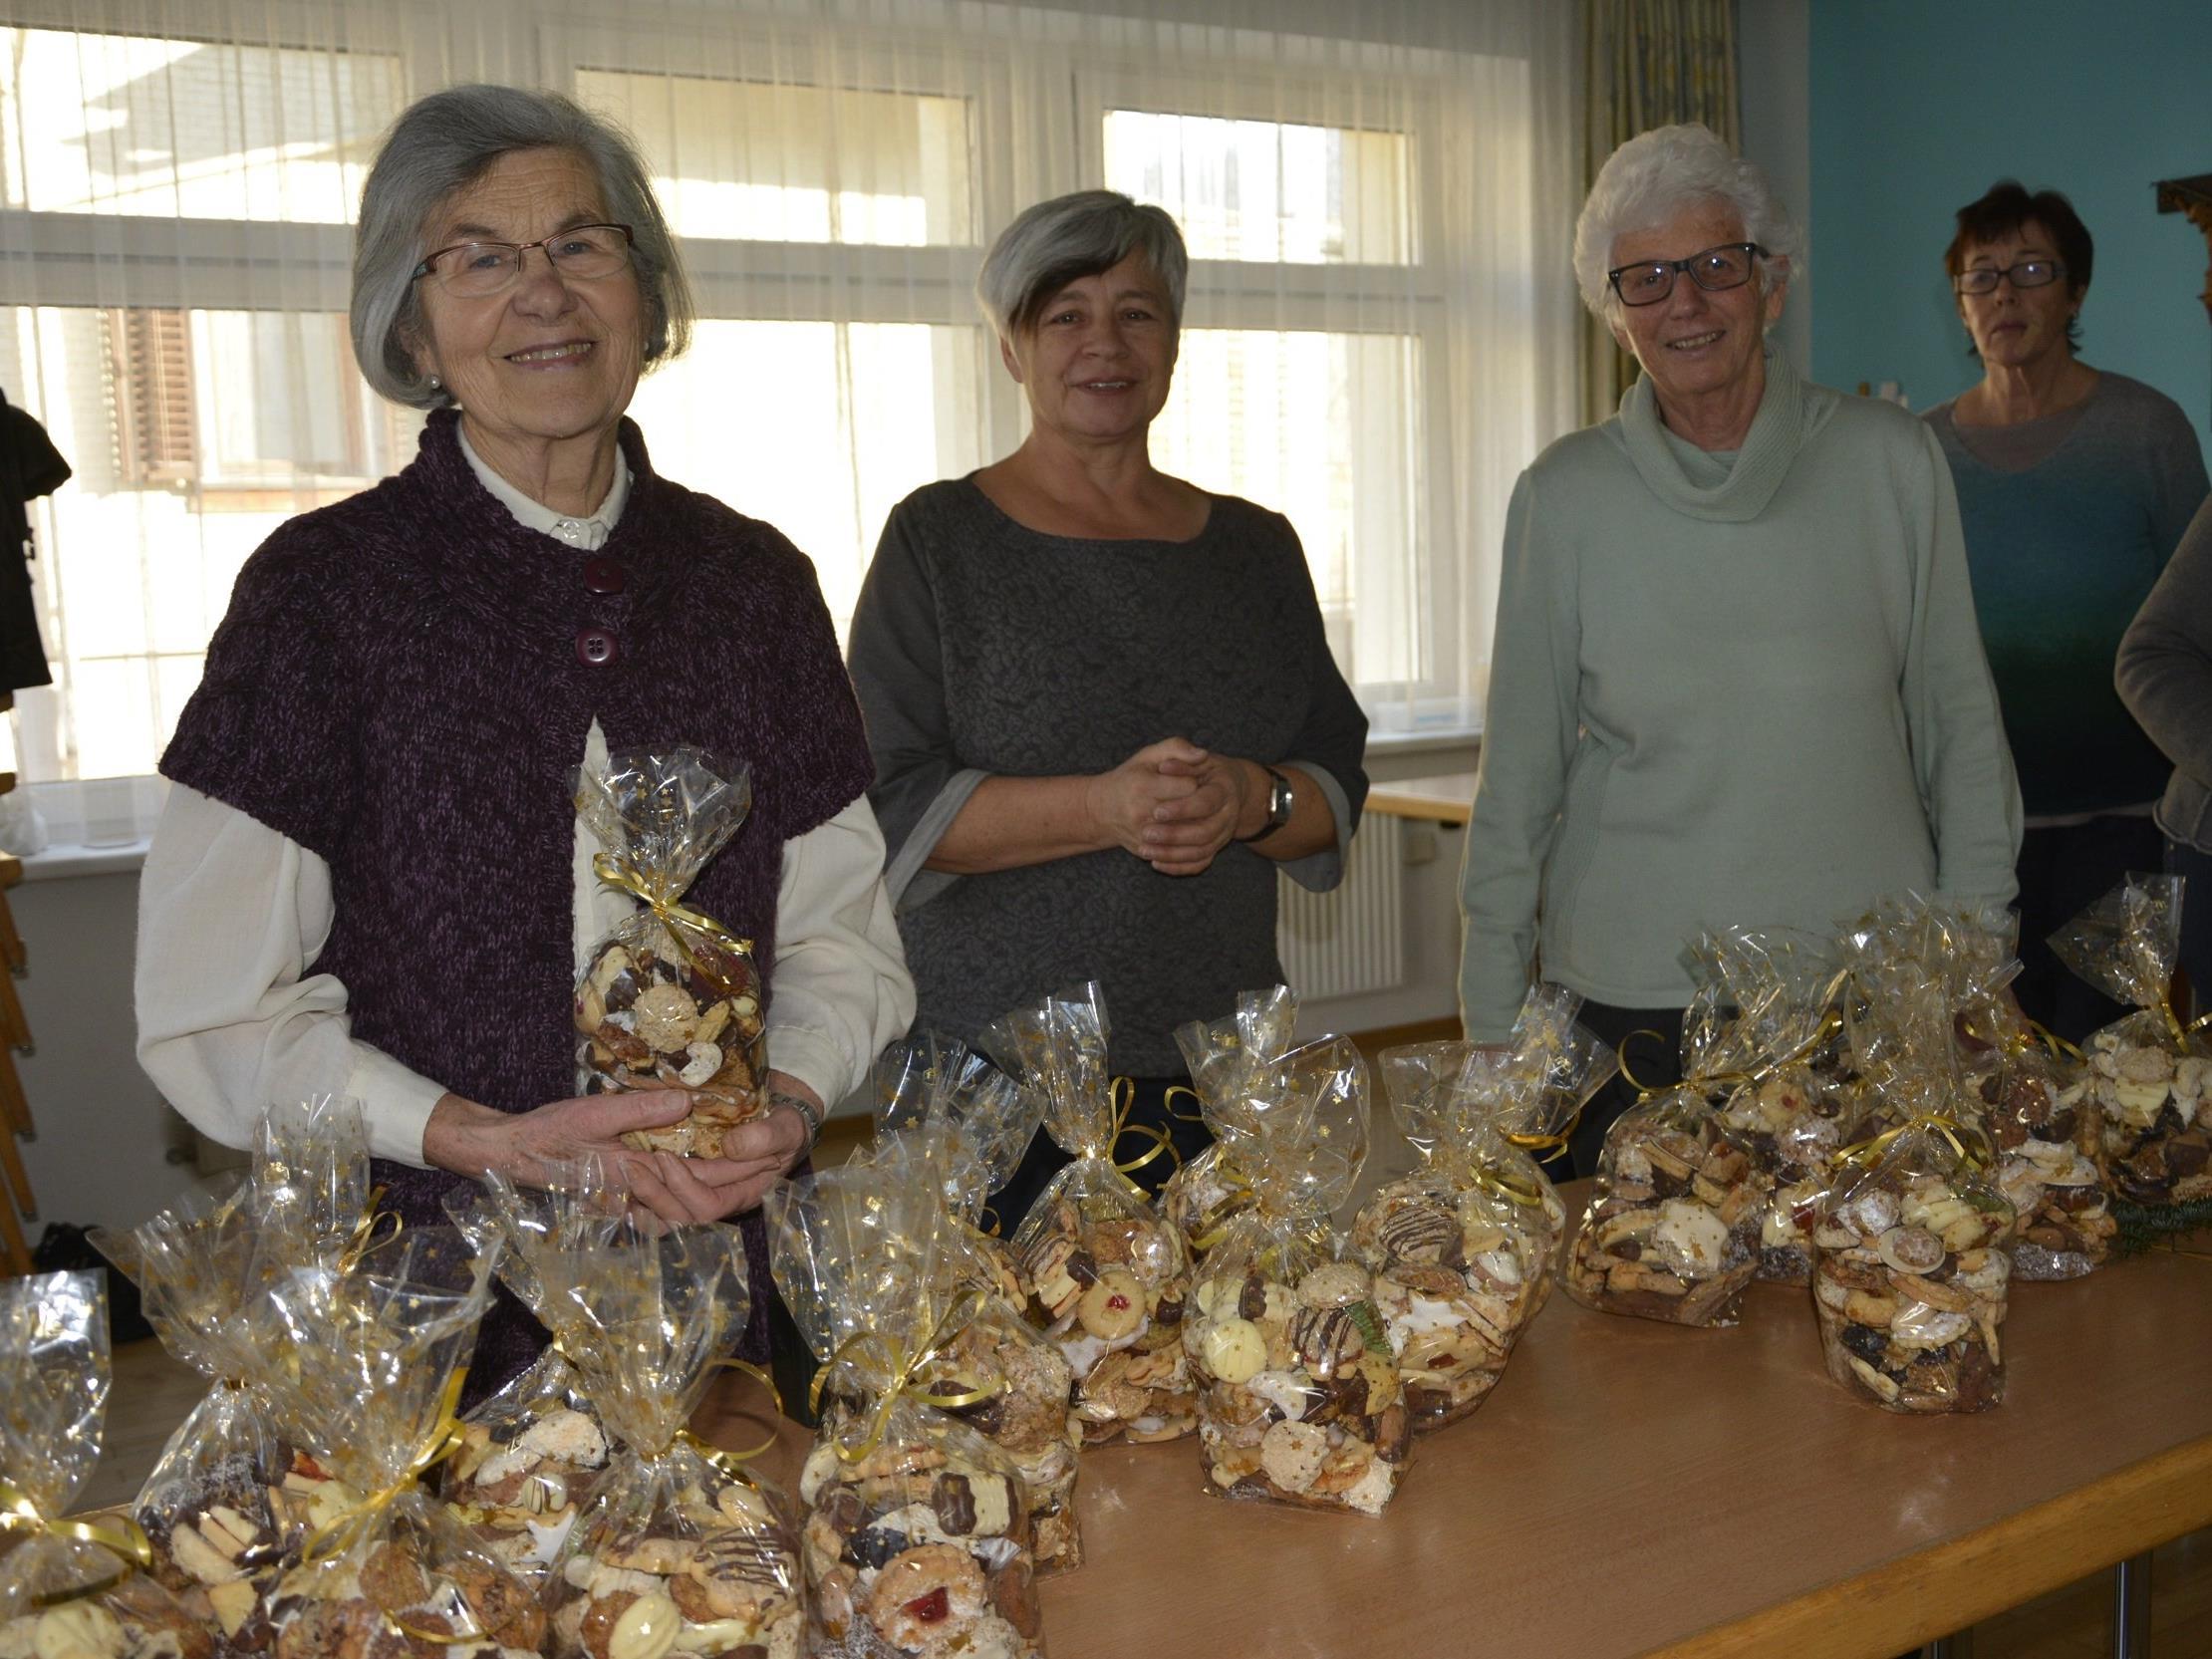 Frauen der Hatler Pfarre und Missionsrunde waren wieder fleißig im Einsatz für die gute Sache.